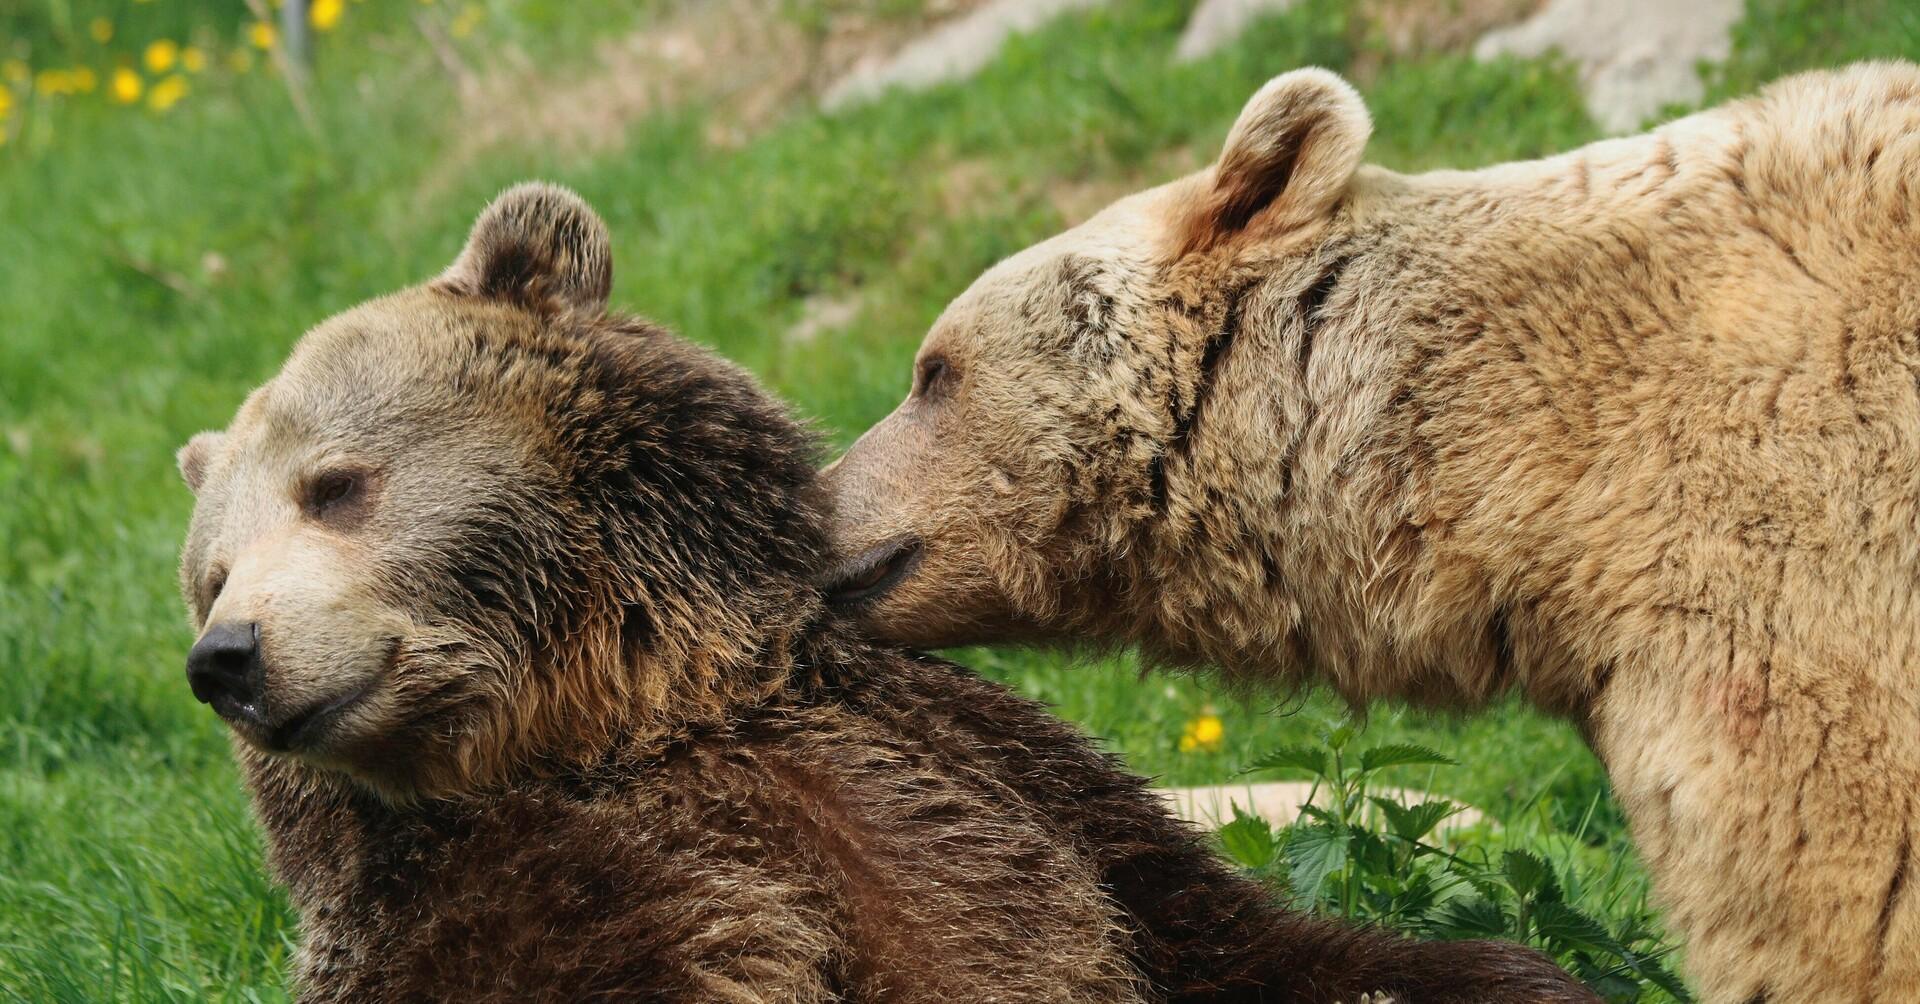 Die Bären vergnügen sich gemeinsam